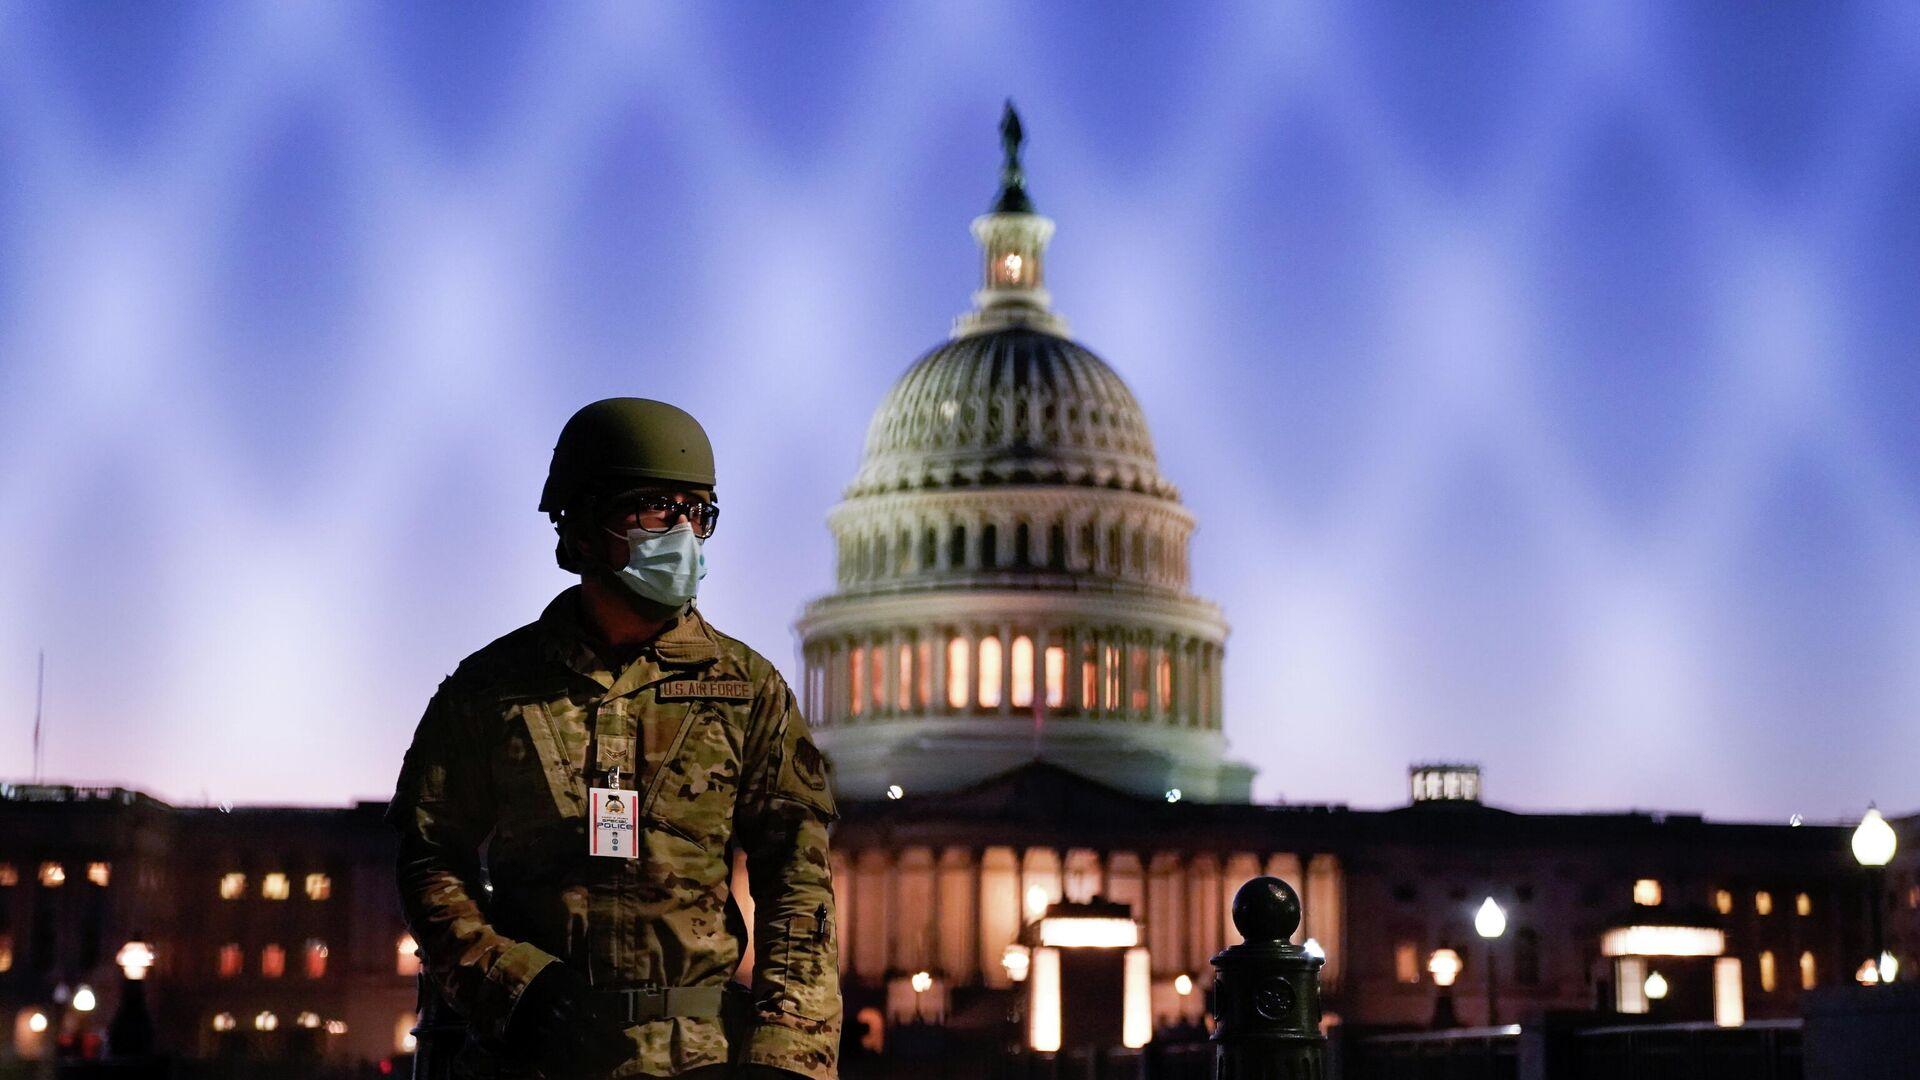 Военнослужащий Национальной гвардии США у здания Капитолия в Вашингтоне - РИА Новости, 1920, 14.01.2021